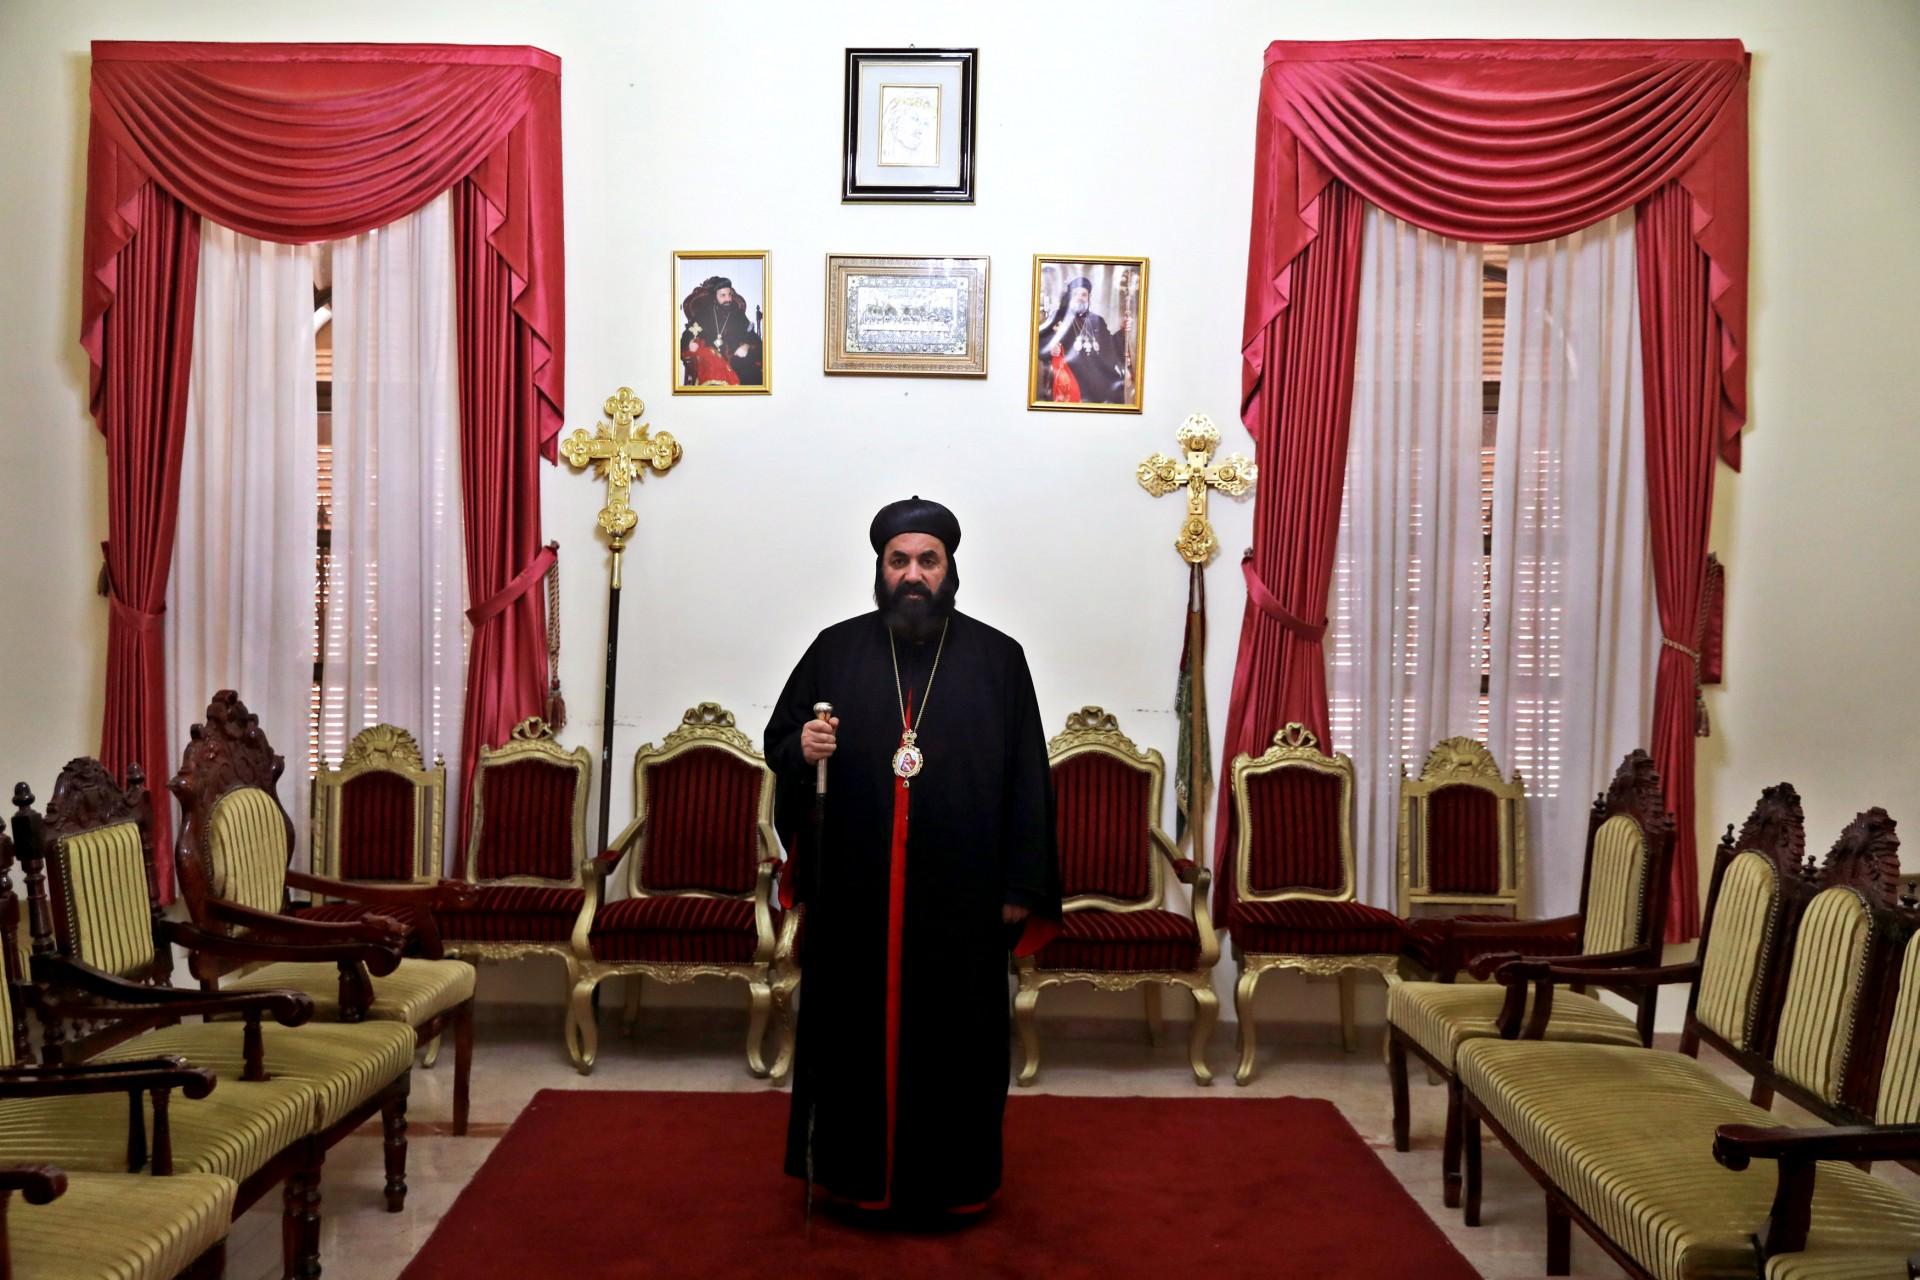 Su Eminencia el Arzobispo Mar Swerios Malki Murad, Arzobispo Patriarcal Vicario de la Tierra Santa y Jordania, posa para una fotografía en el Patriarcado Ortodoxo Sirio en la Ciudad Vieja de Jerusalén, 14 de marzo de 2018.